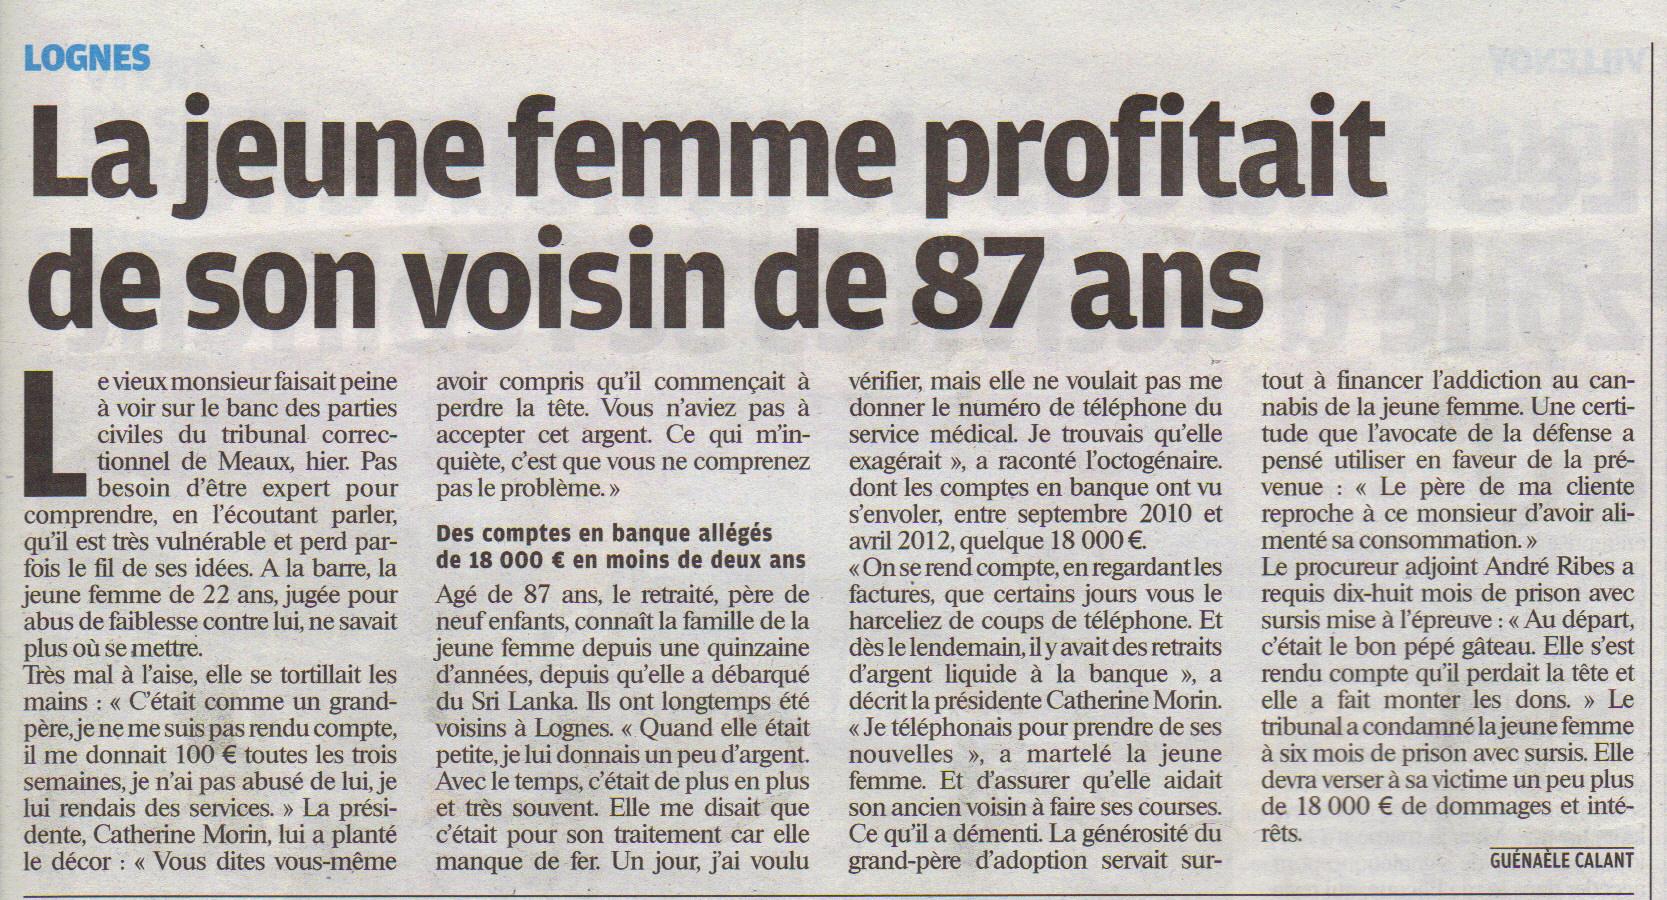 lognes-la-jeune-femme-profitait-de-mr-87-ans-leparisien-du-06_10_12.JPG